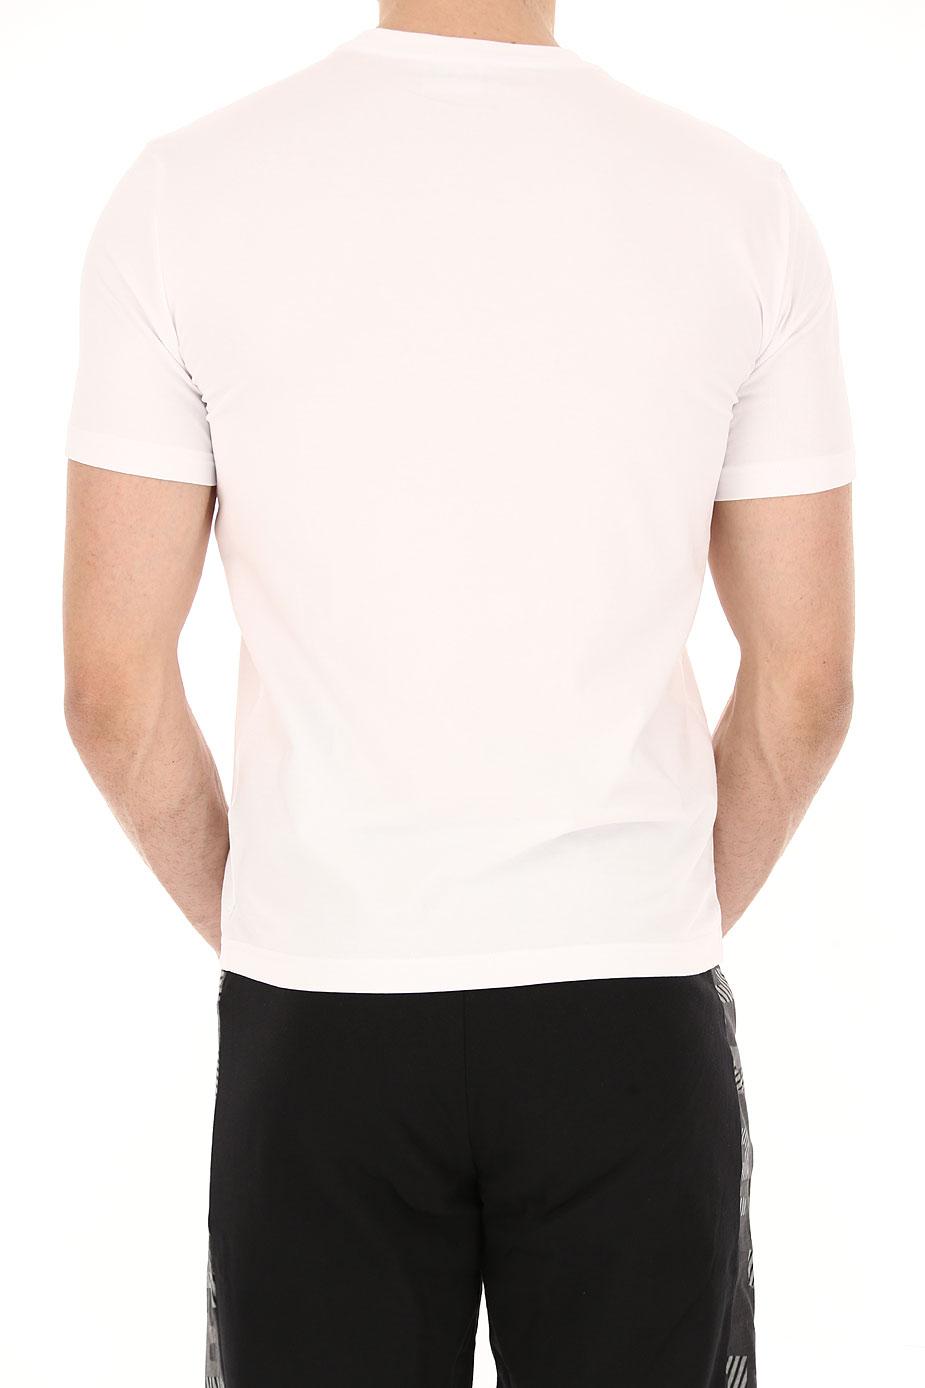 Abbigliamento Uomo Emporio Armani, Codice Articolo: 3zpt83-pjm5z-1100